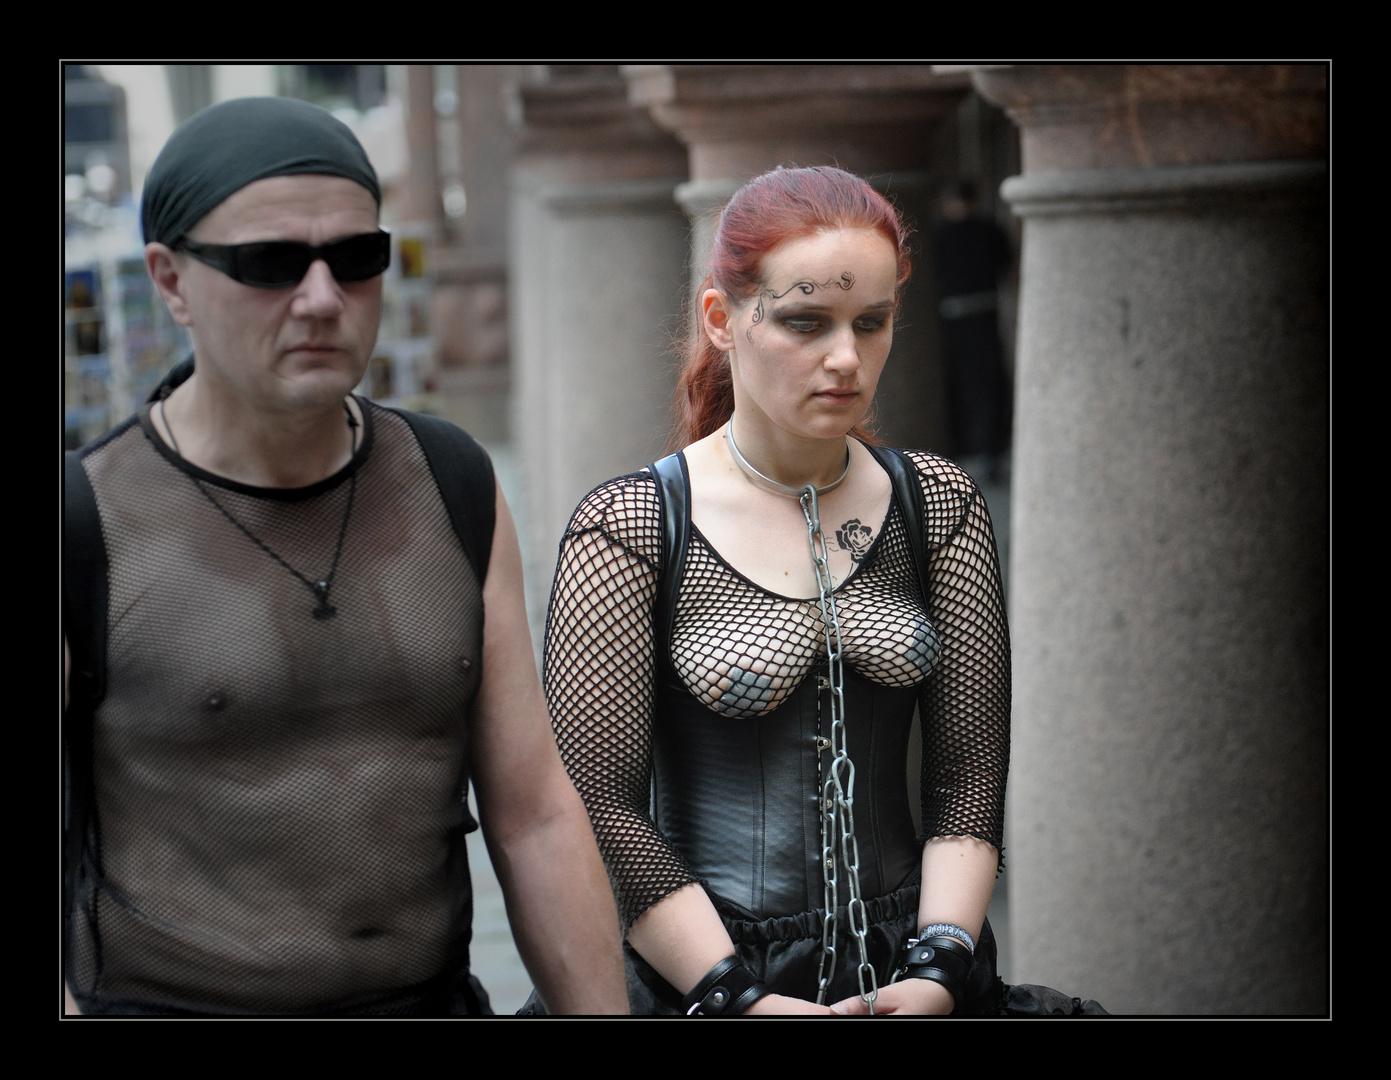 Die Sklavin Foto & Bild | mystik,gothic, szene, wgt Bilder